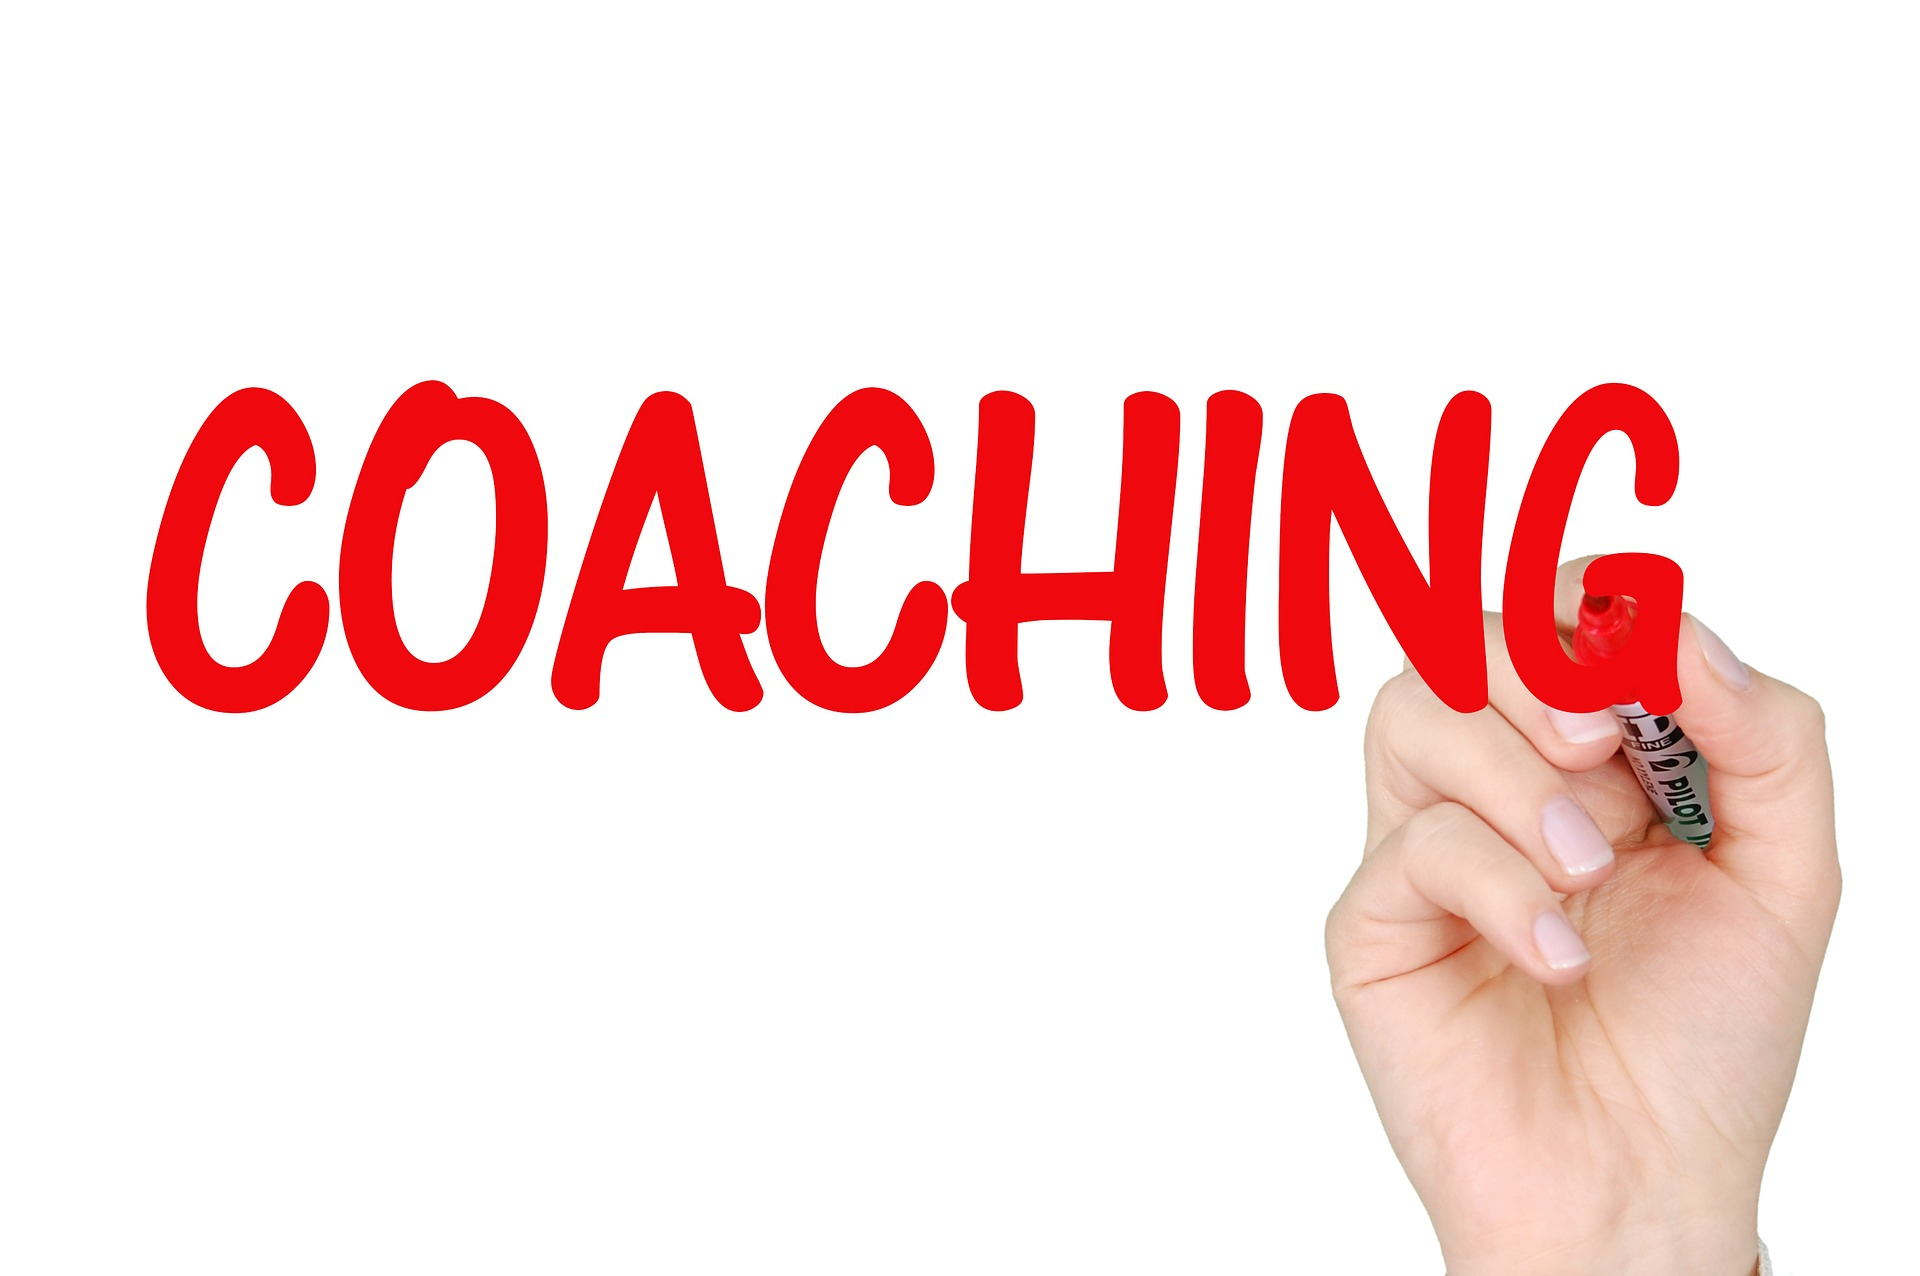 coaching-2738523_1920